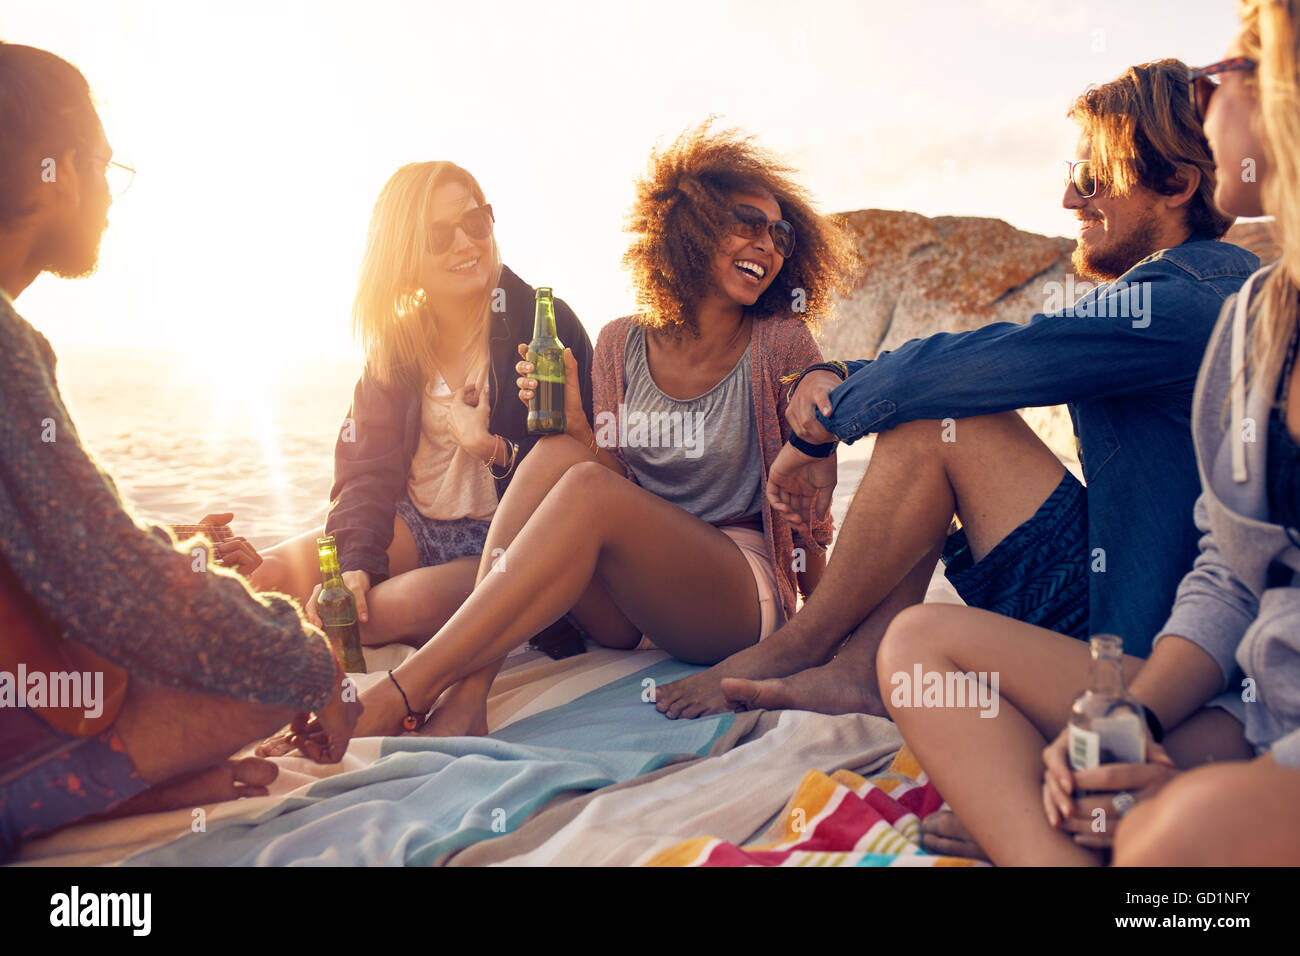 Razza mista amici divertendosi in spiaggia. Un gruppo di giovani felici hanno seduti insieme in spiaggia a parlare Immagini Stock